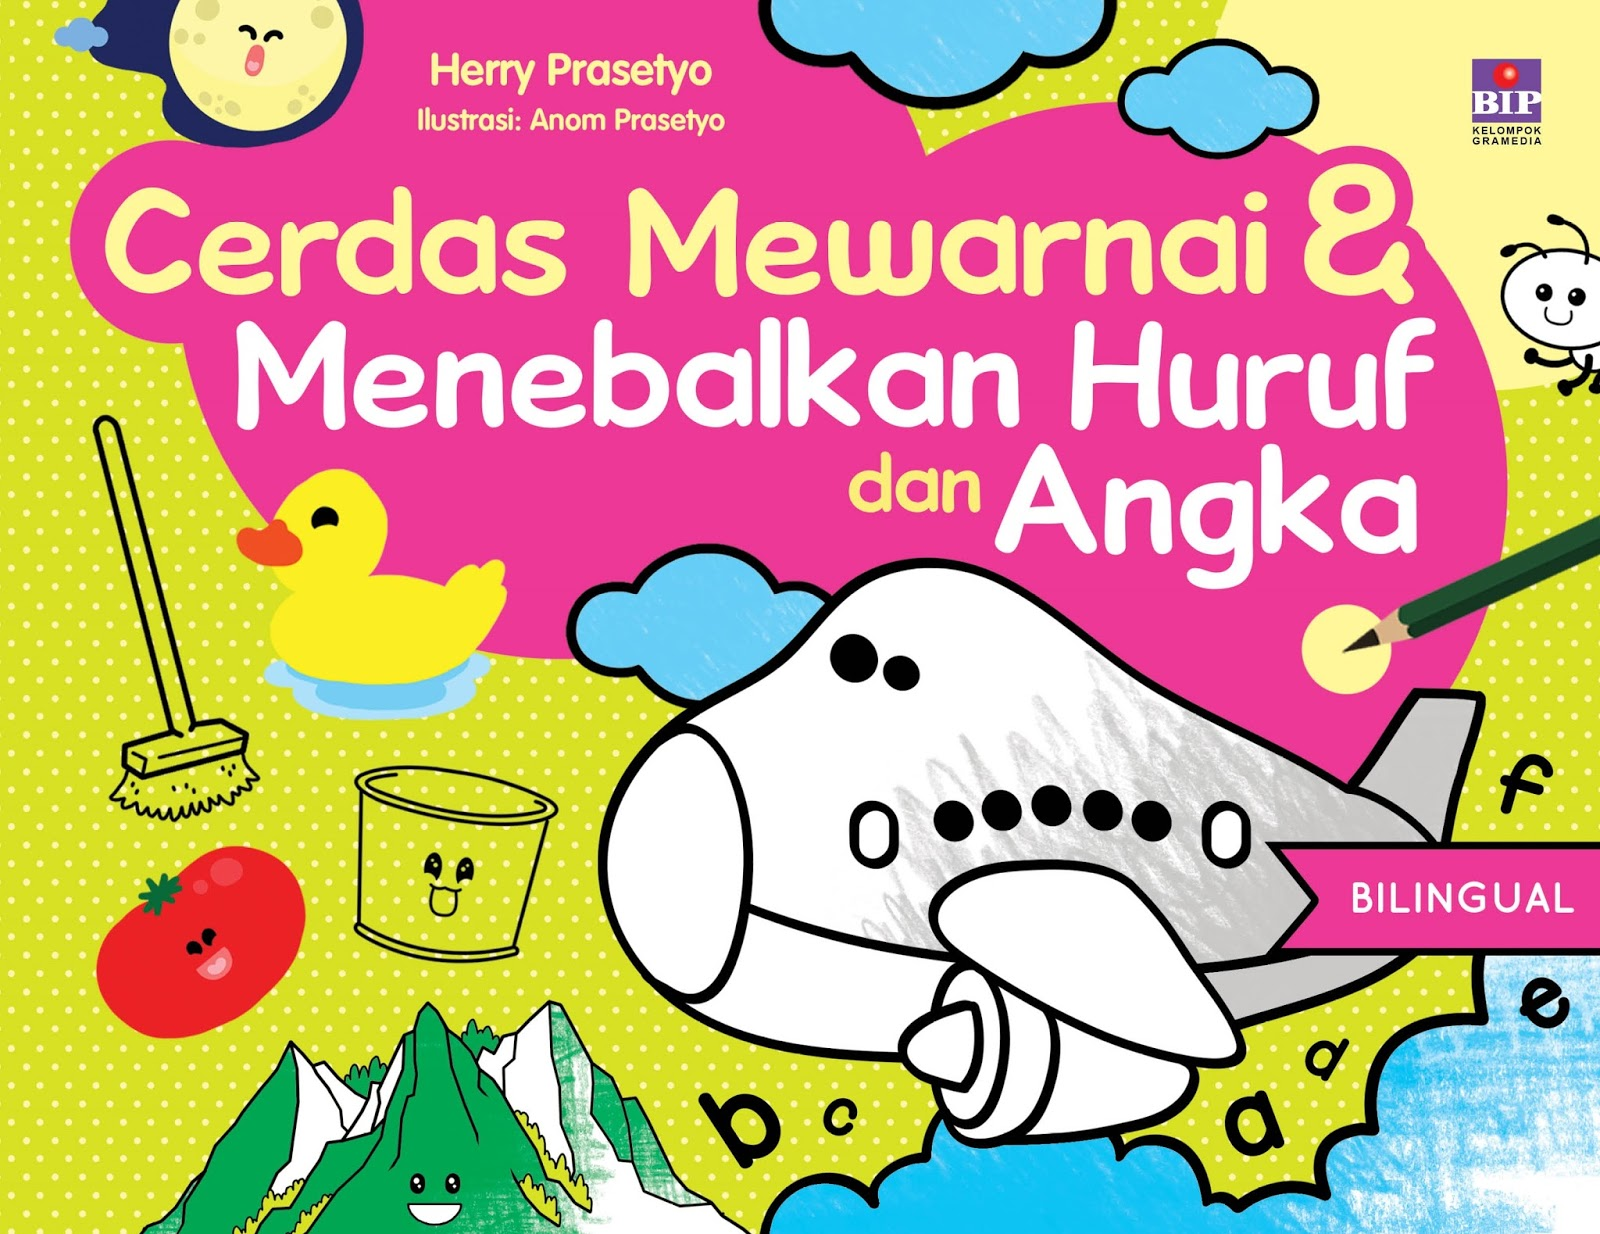 Buku ini disusun untuk menemani anak PAUD belajar mewarnai yang positif dan kreatif serta menumbuhkan benih benih kecerdasan dalam menulis dan berhitung